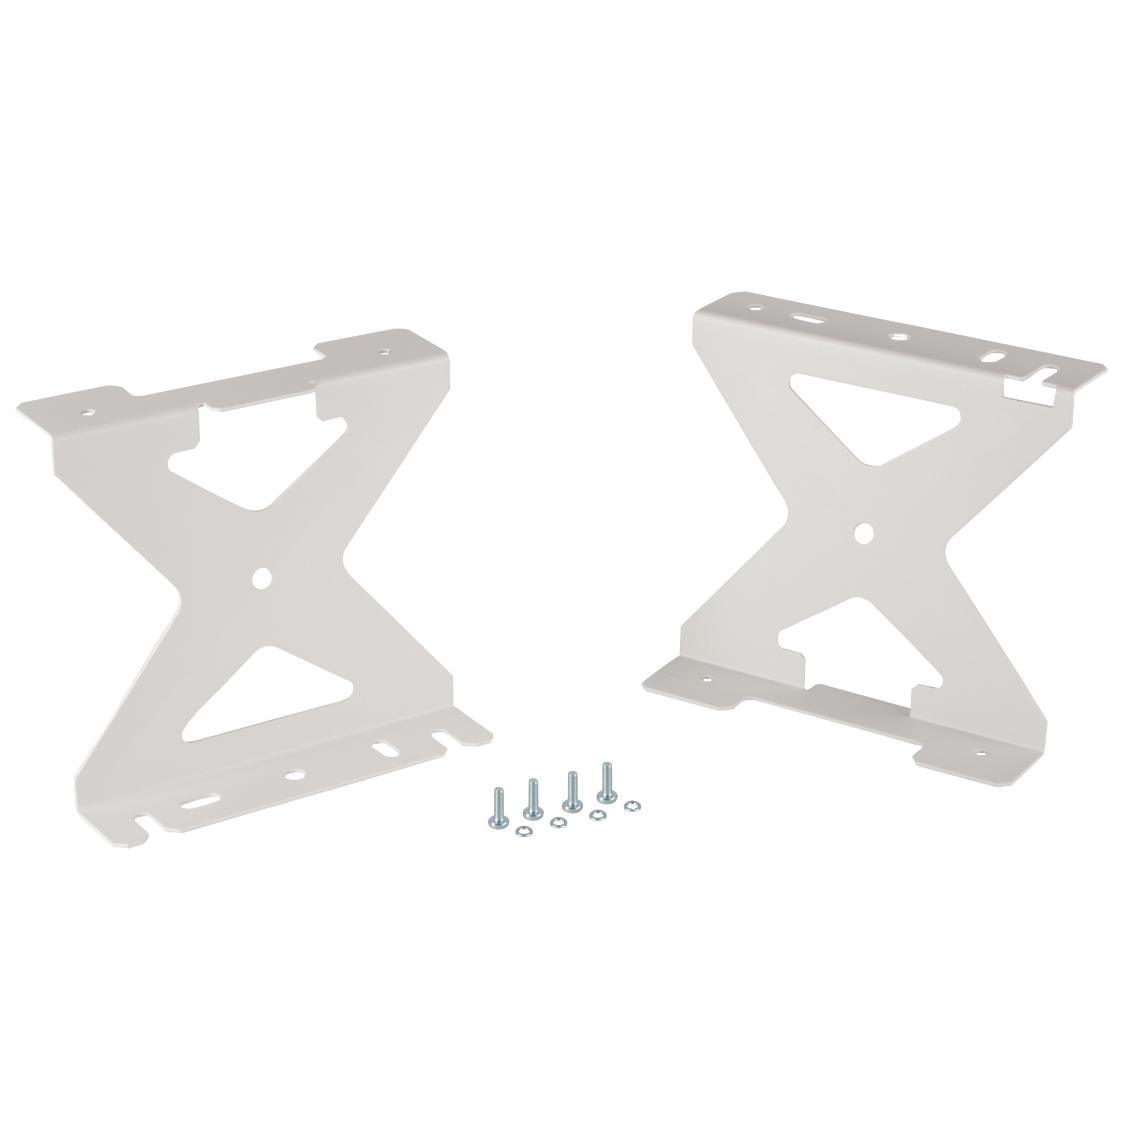 1 Stk Halterung für Deckenmontage für Arktur Square LED LIG2000824